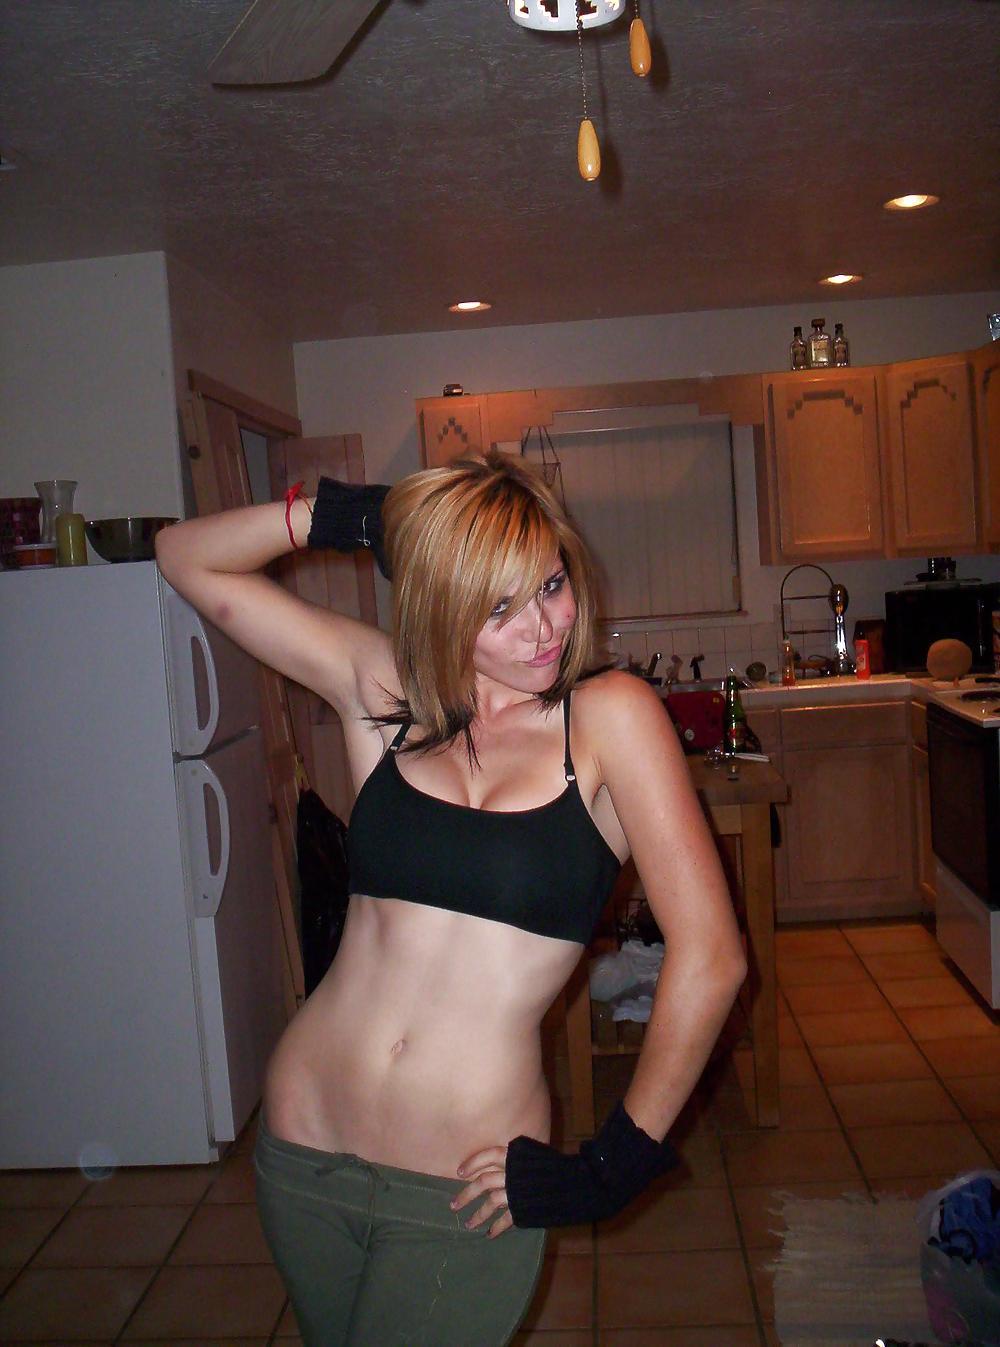 Врачиха в коротком халатике фотографируется в своей квартире